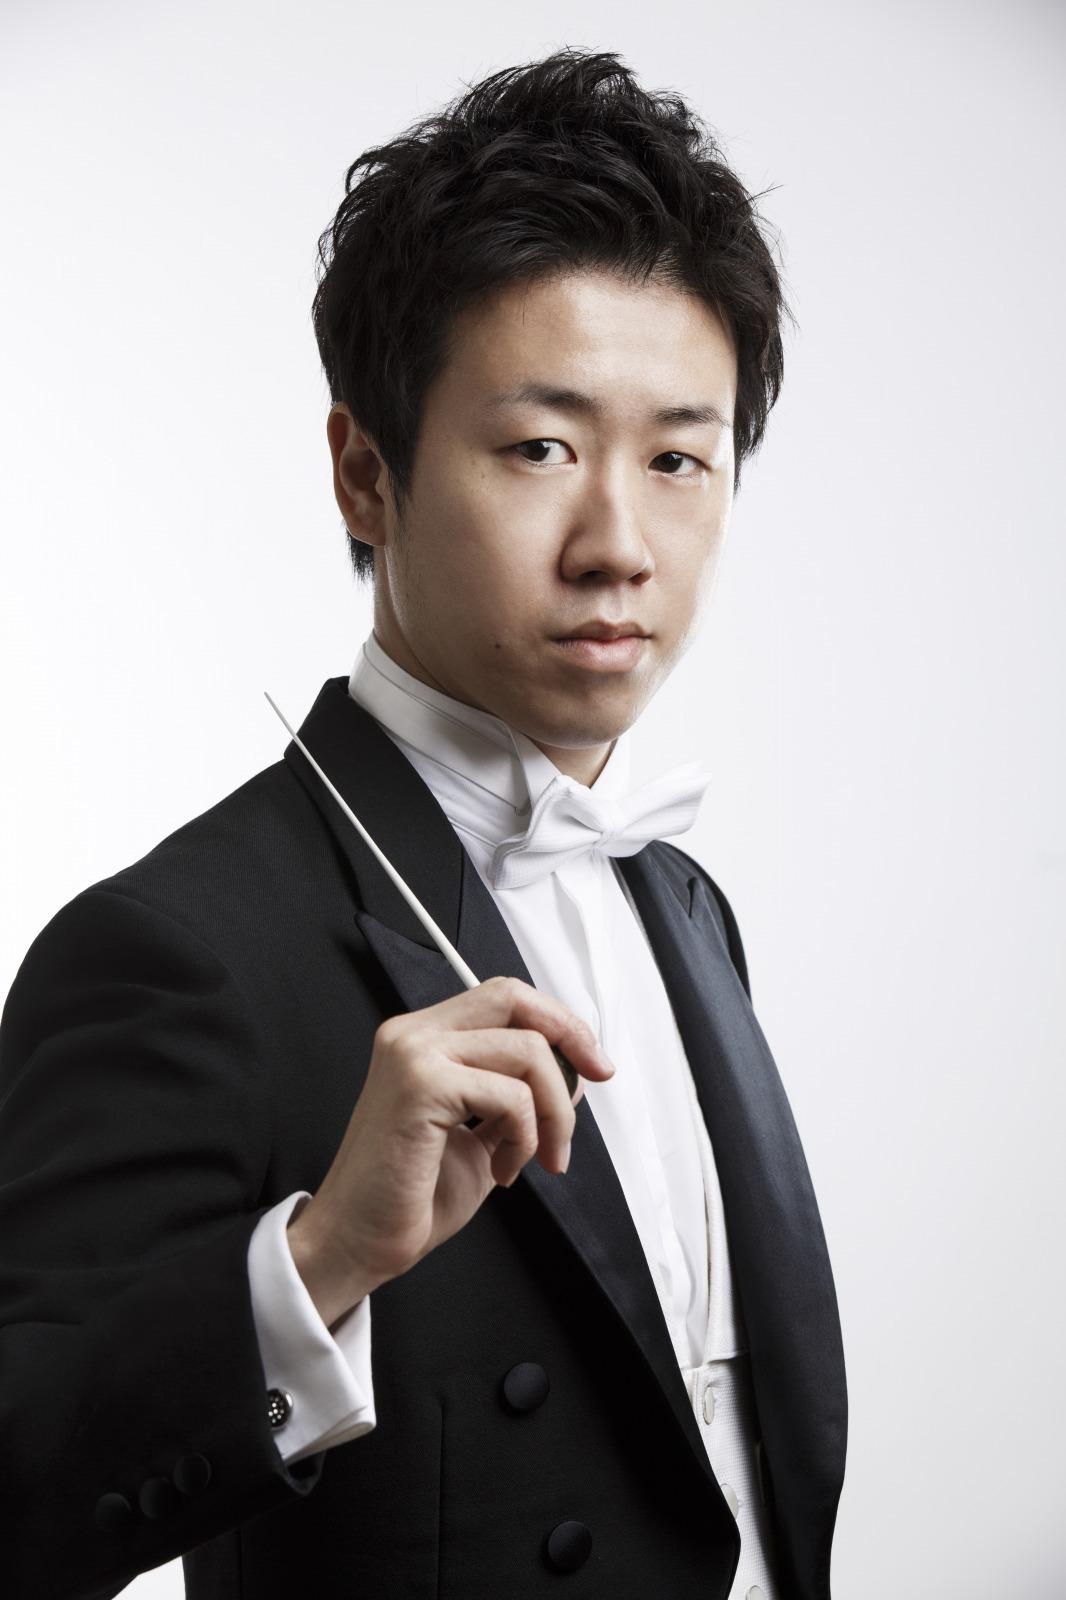 神奈川フィルの常任指揮者として3年目を迎えた川瀬賢太郎 (c)Yoshinori Kurosawa